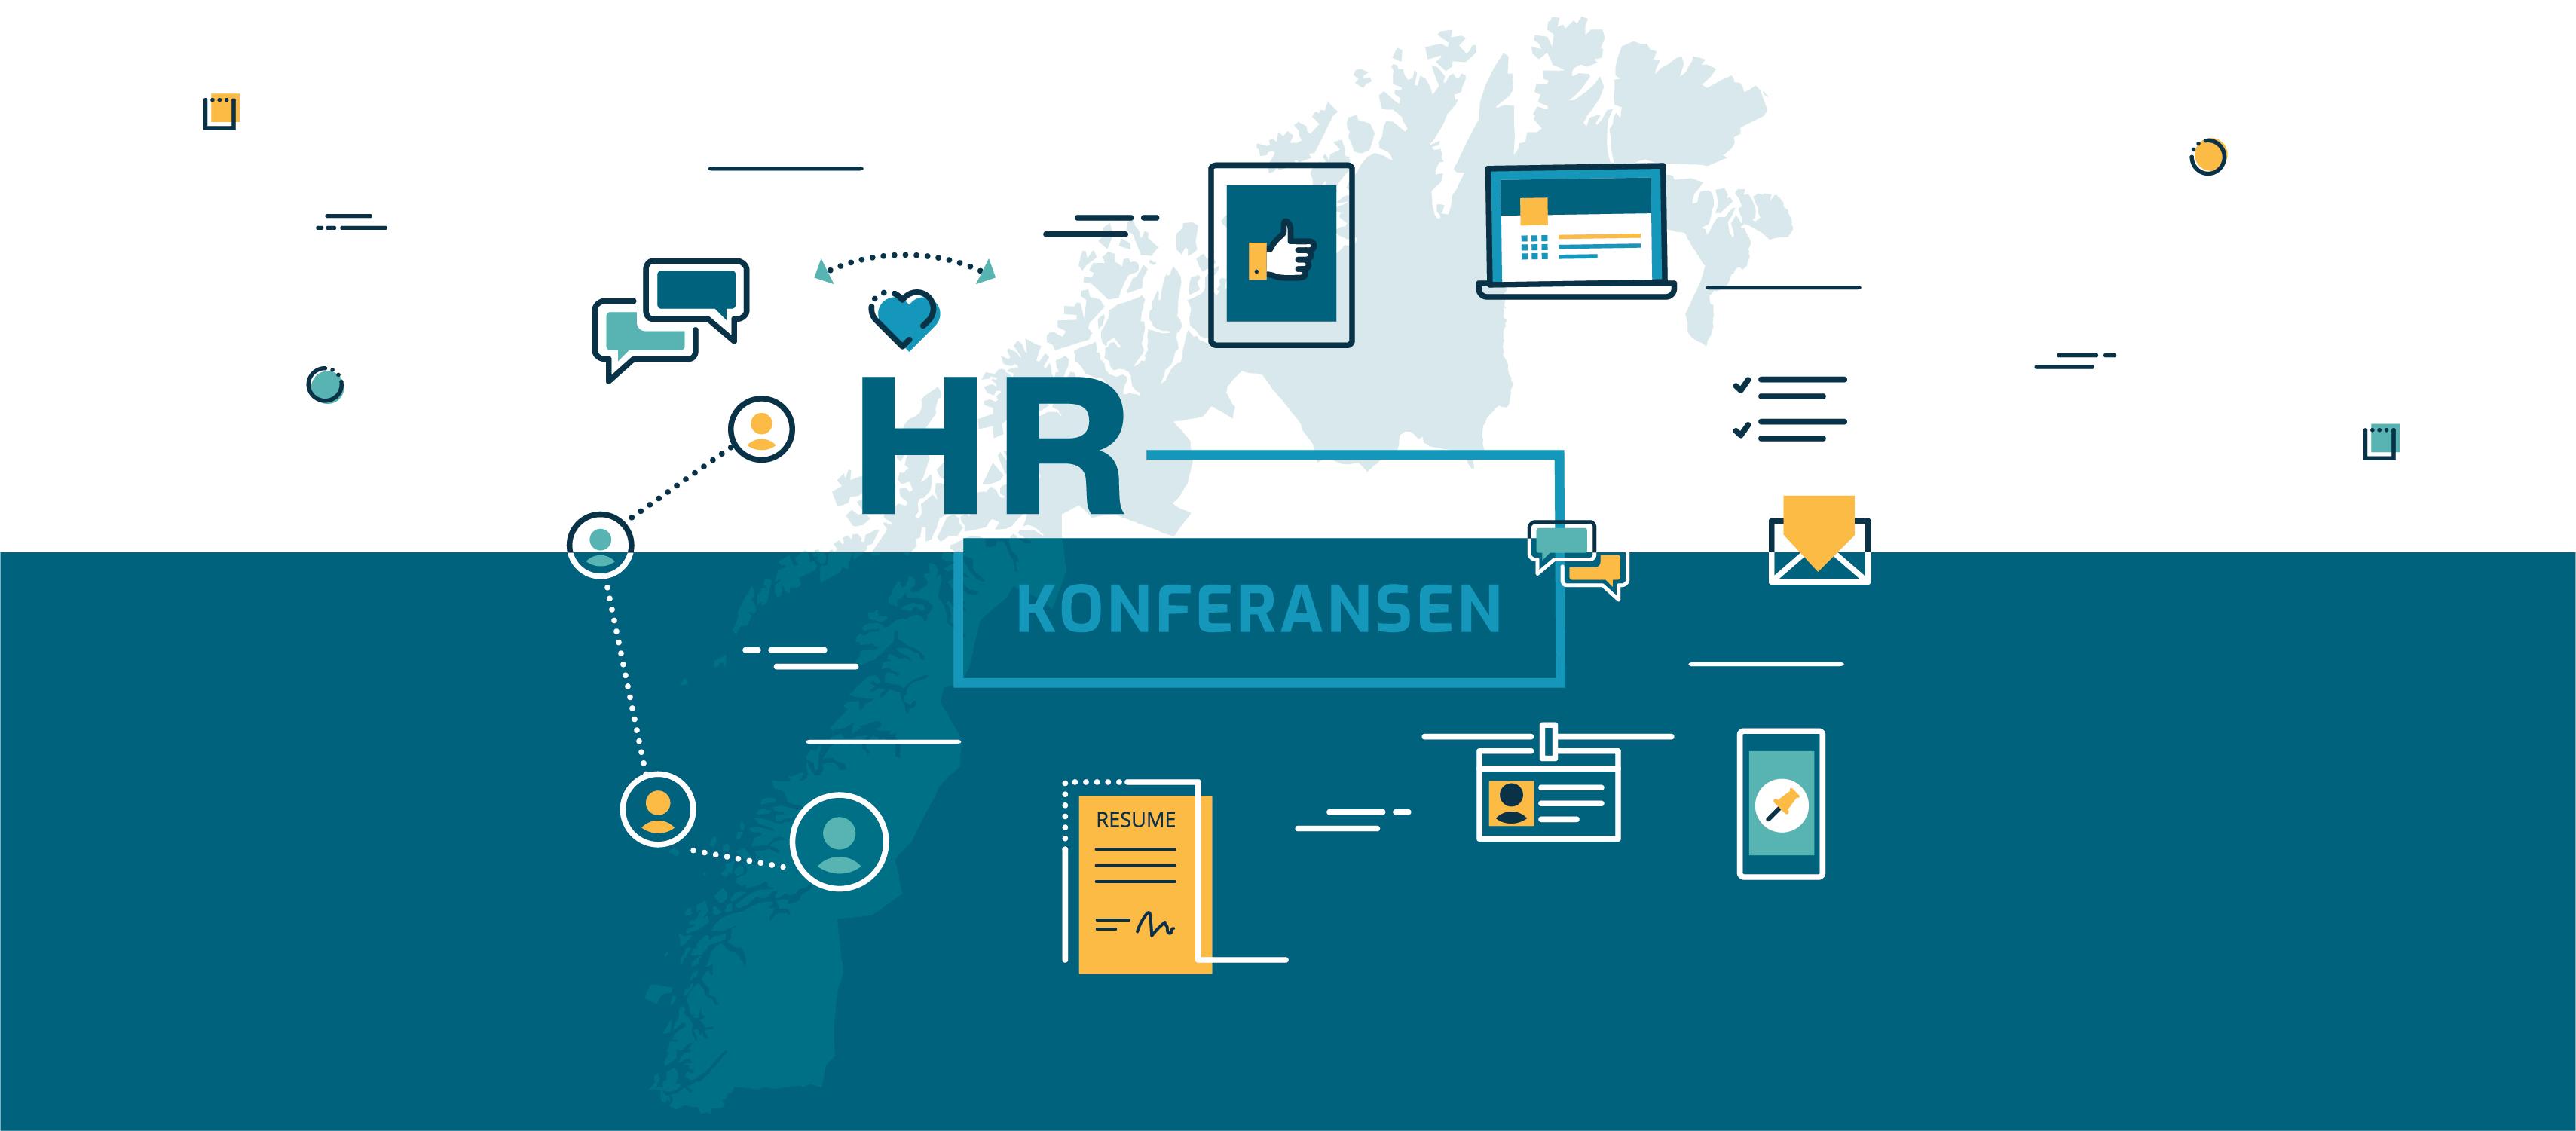 HR-konferansen i Nord-Norge